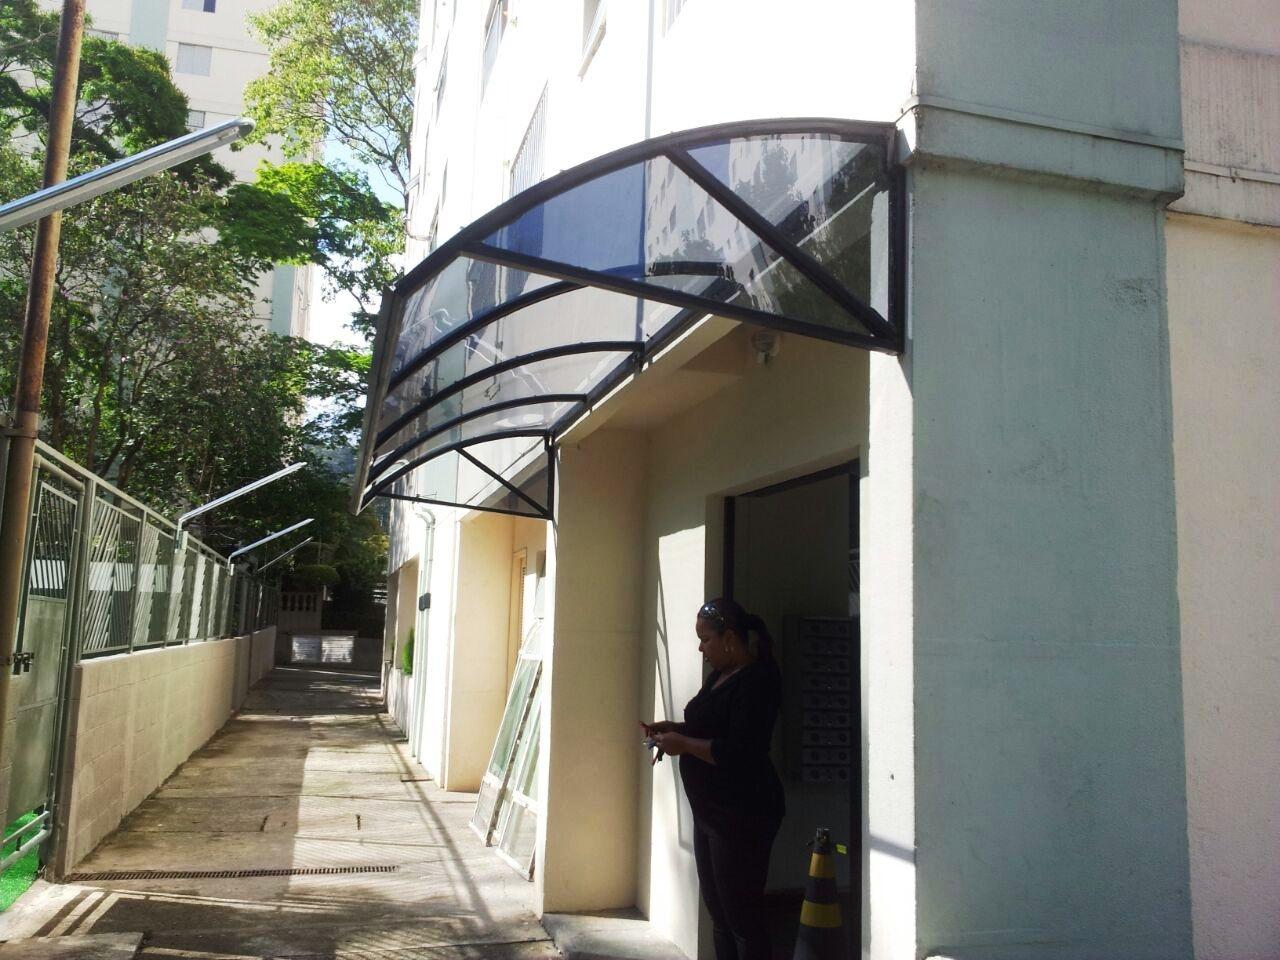 Empresa de Toldos e Coberturas Serviços em São Mateus - Empresa de Toldos e Coberturas